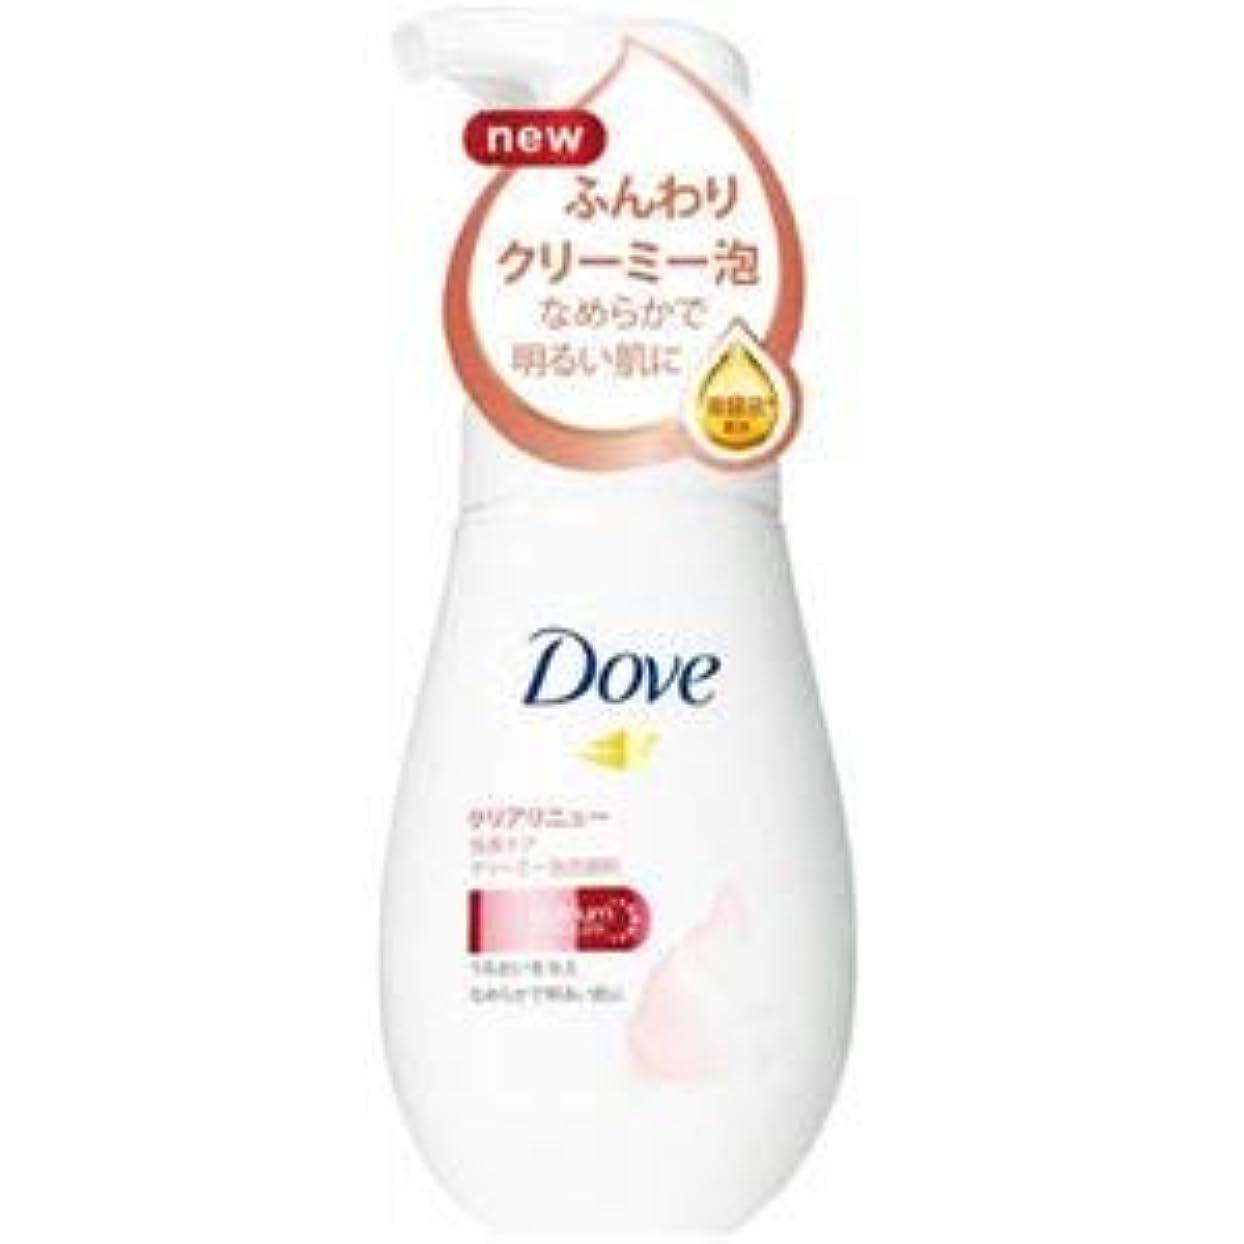 応援するボイコット退屈な(まとめ)ユニリーバ Dove(ダヴ) ダヴクリアリニュークリーミー泡洗顔料 【×3点セット】